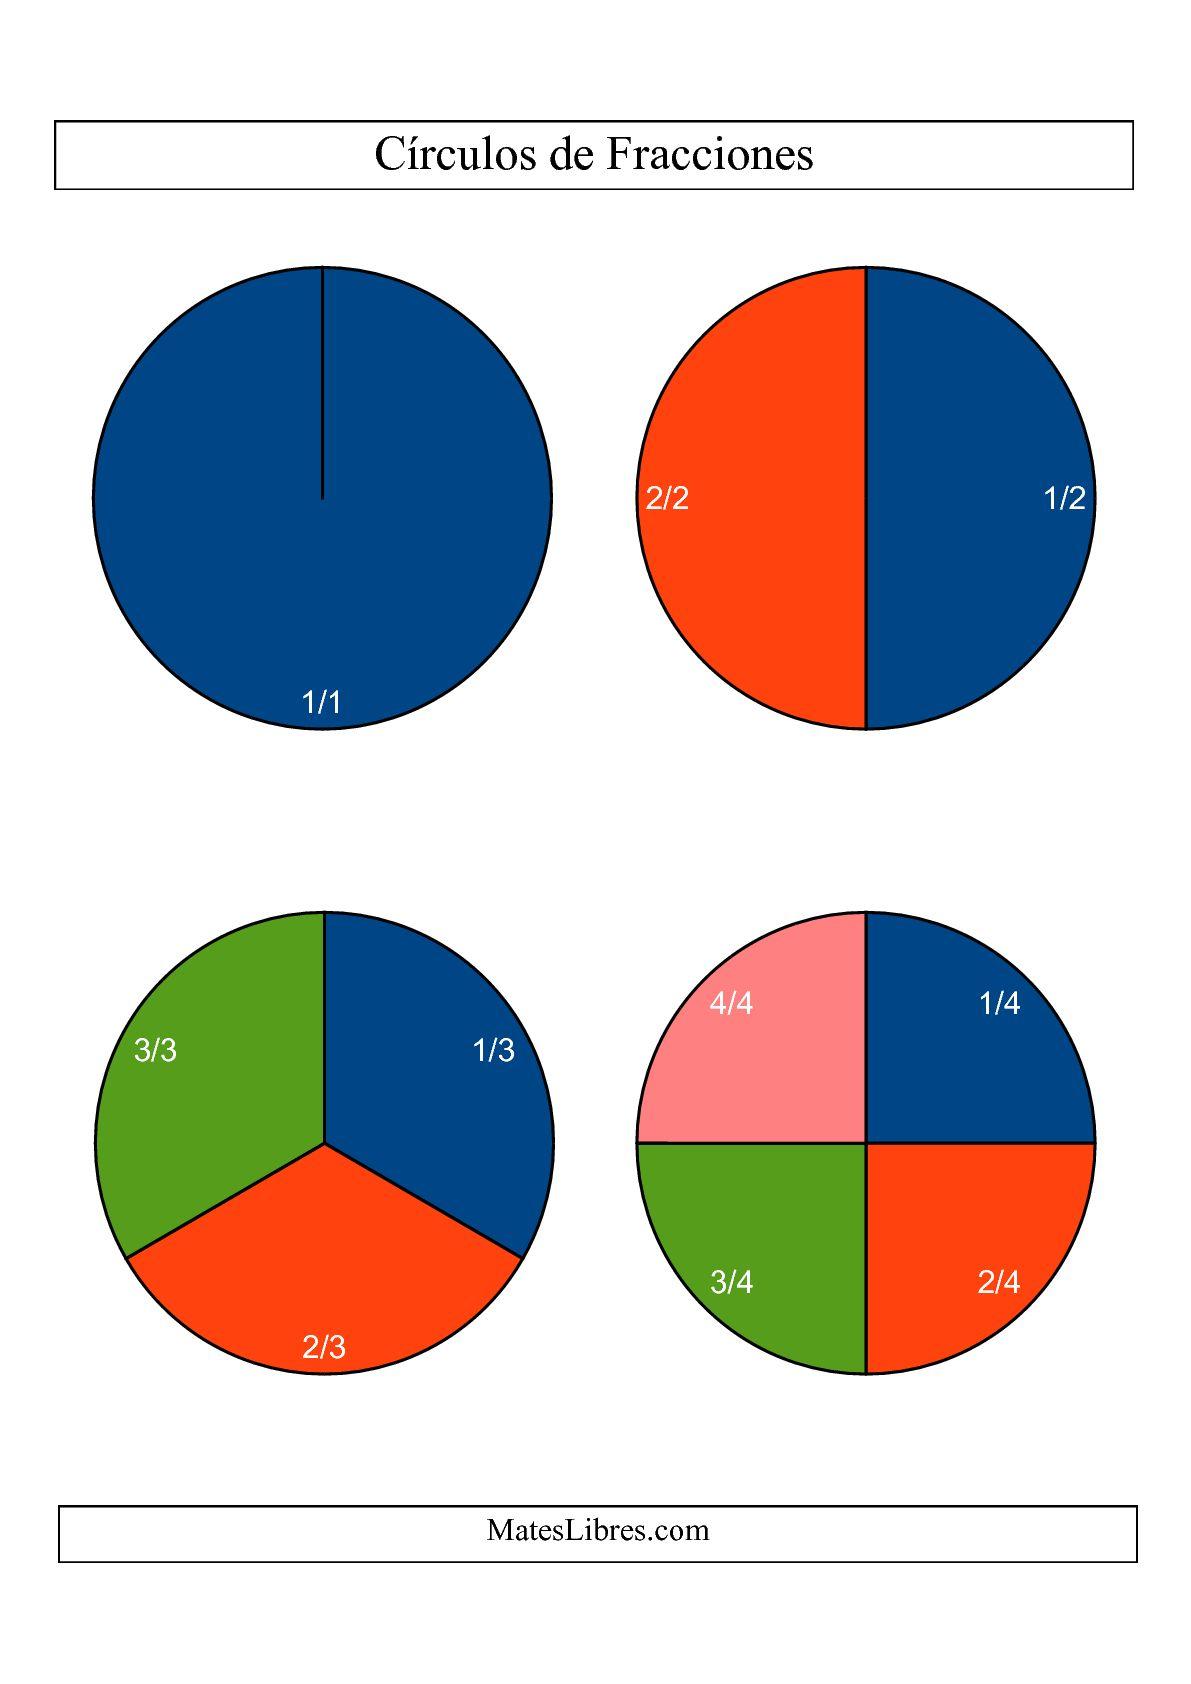 La Círculos Multicolores de Fracciones con Etiquetas (Grande) (A) Hoja de Ejercicio de Fracciones